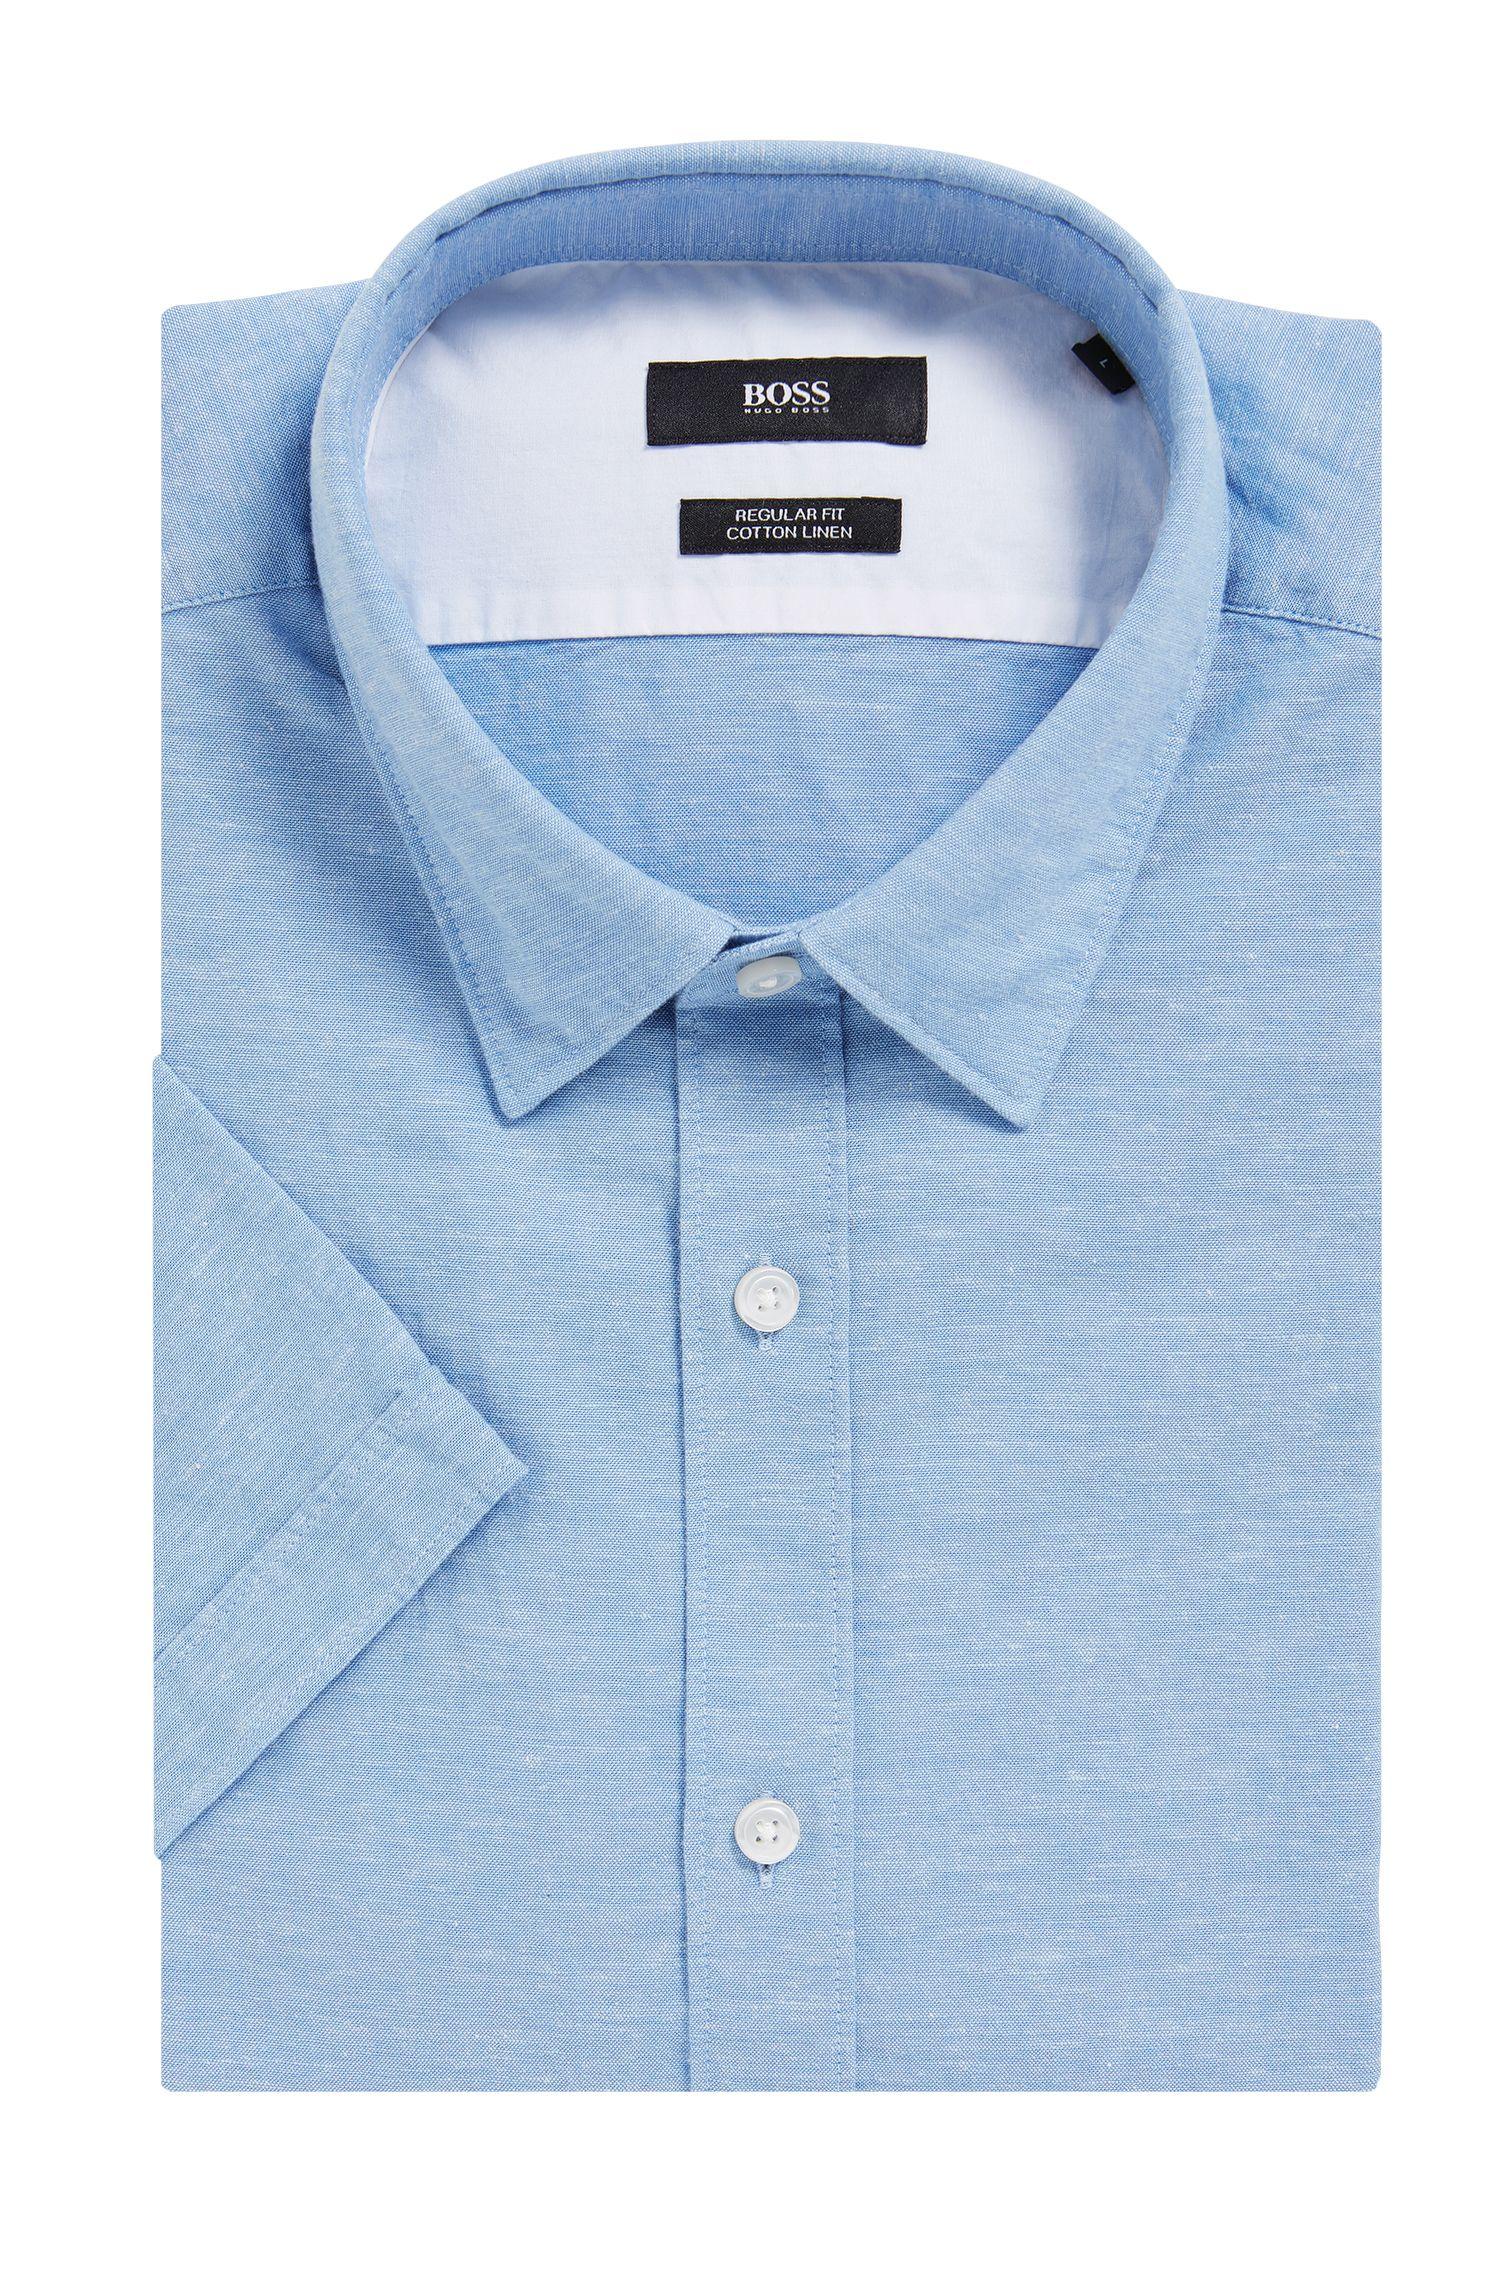 Cotton Linen Button Down Shirt, Regular Fit | Luka